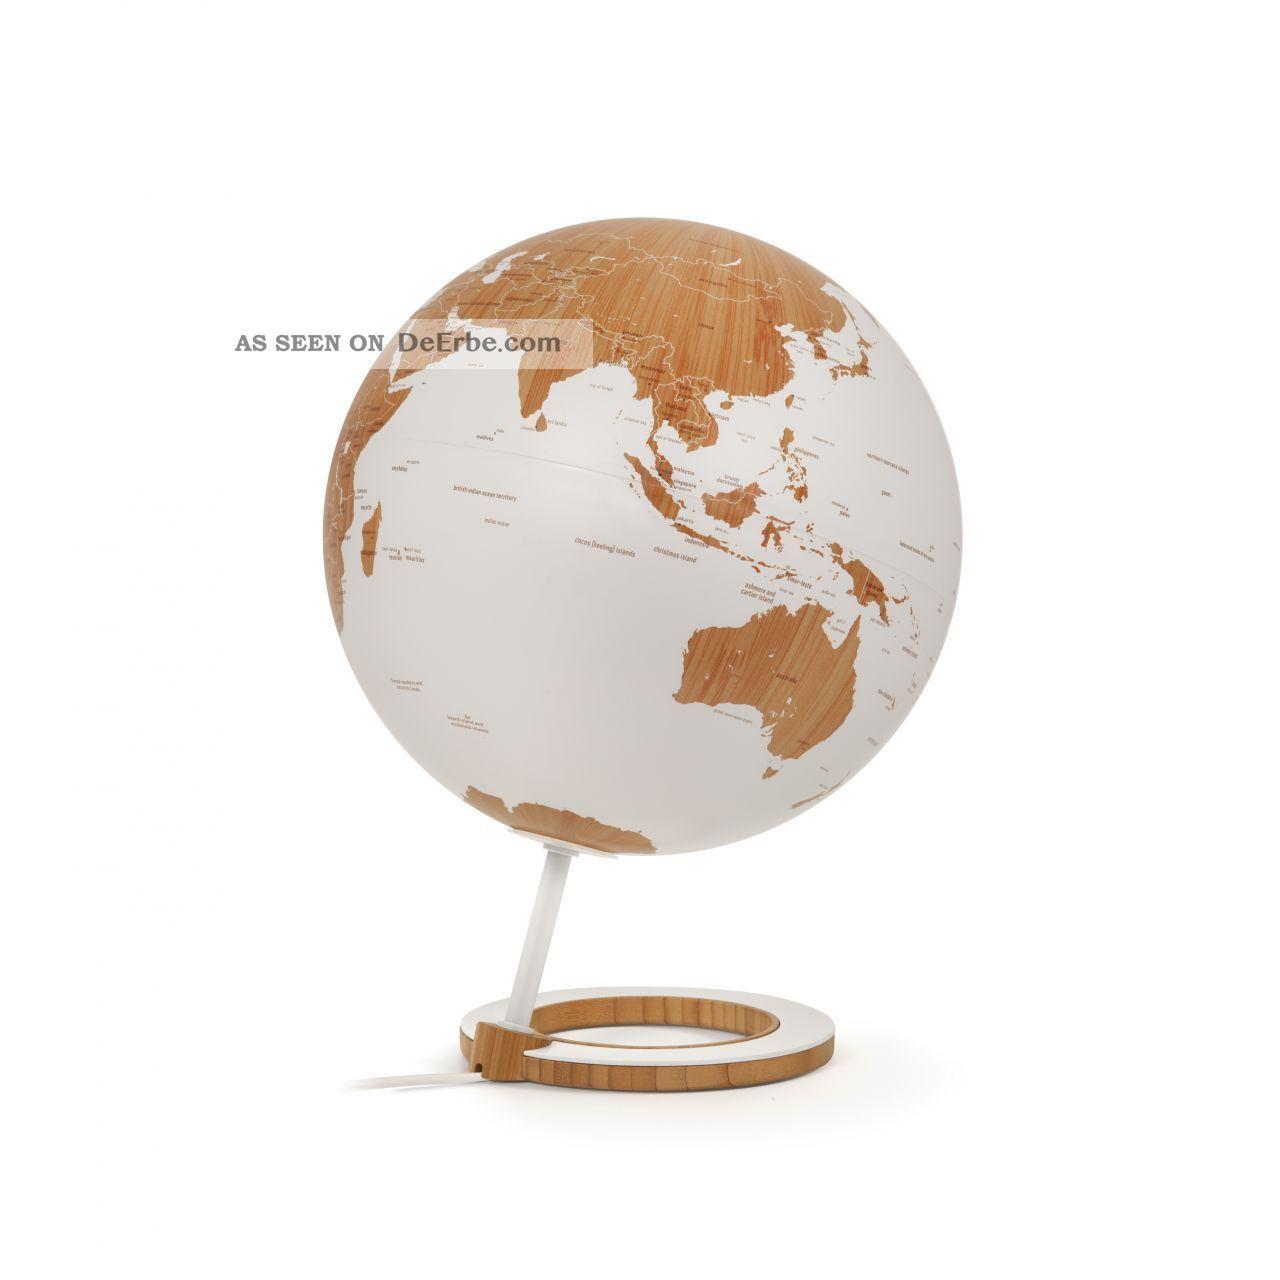 Atmosphere 25cm Design - Leuchtglobus Globus Bamboo Designglobus Globe Earth Wissenschaftliche Instrumente Bild